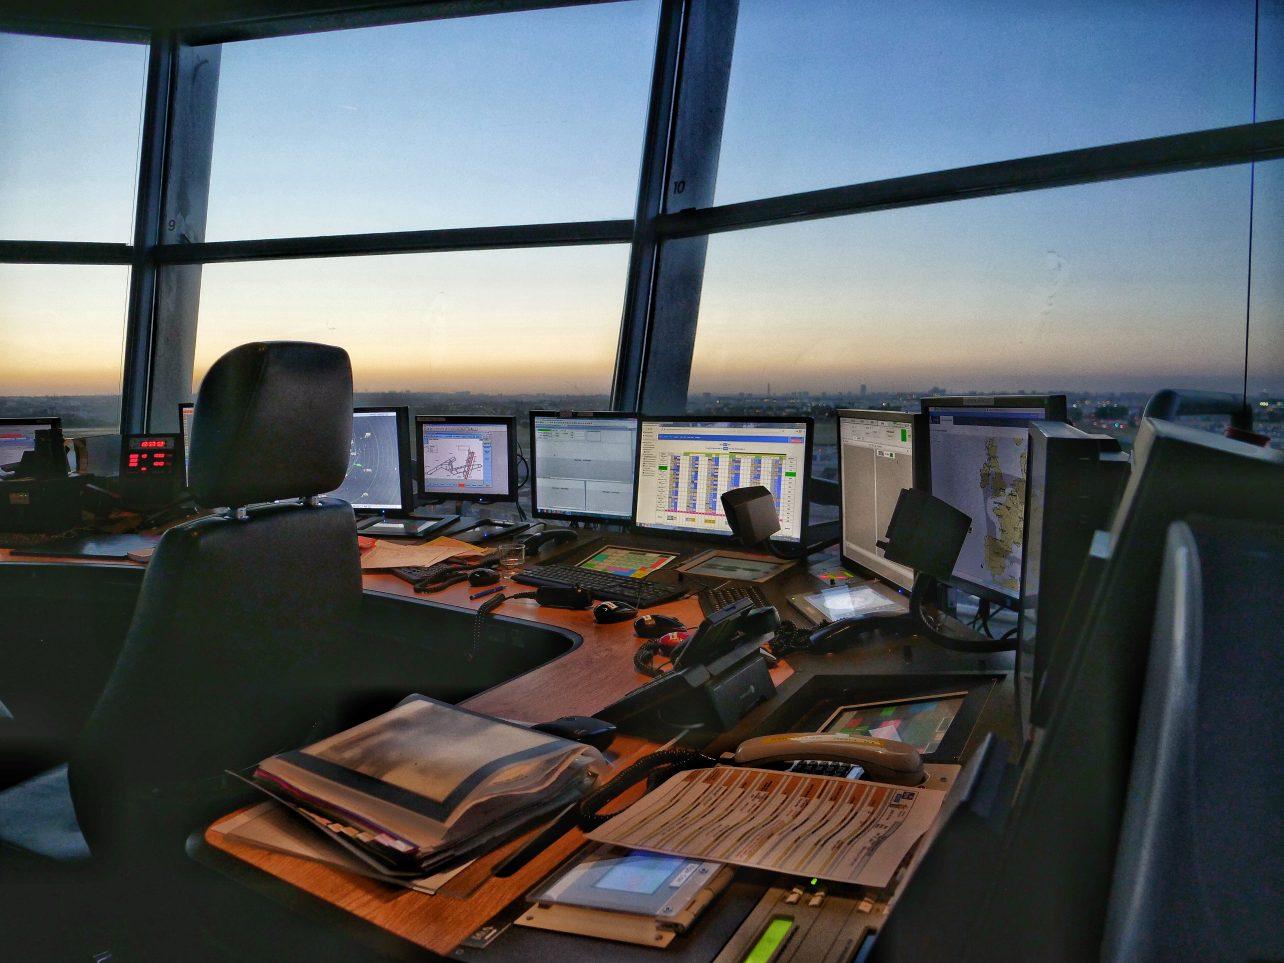 La salle de commande de la tour de contrôle